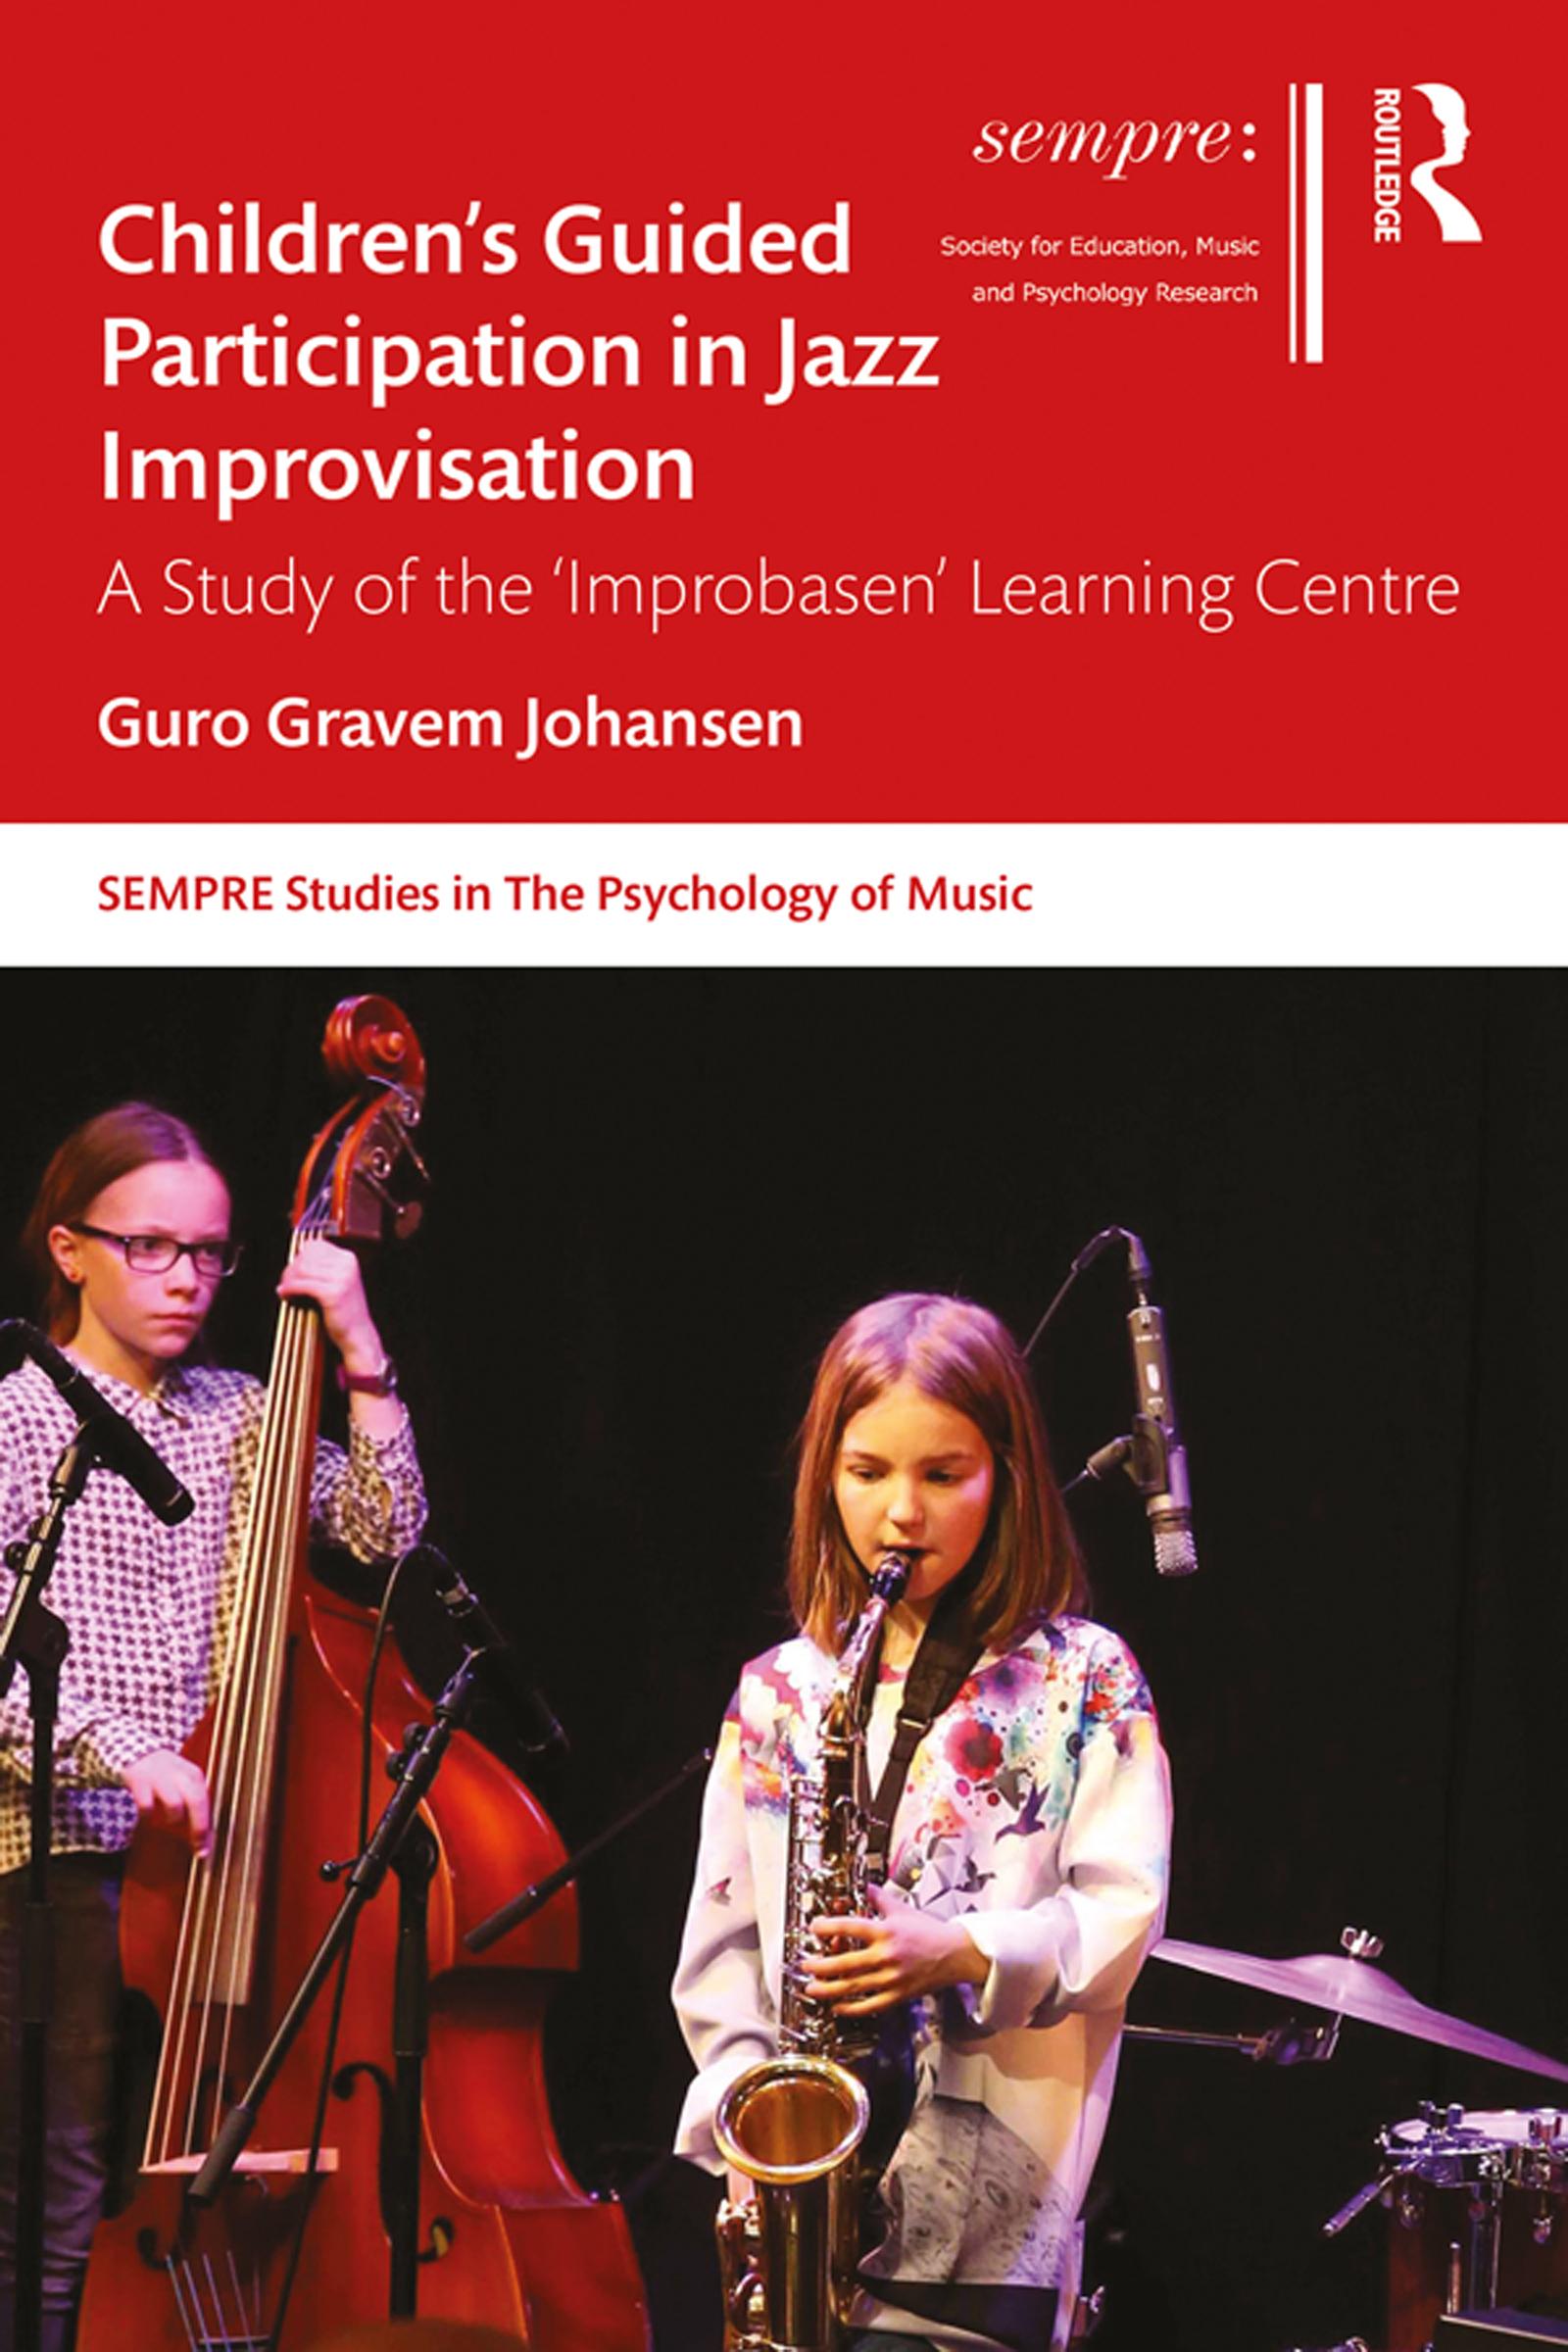 Children's Guided Participation in Jazz Improvisation